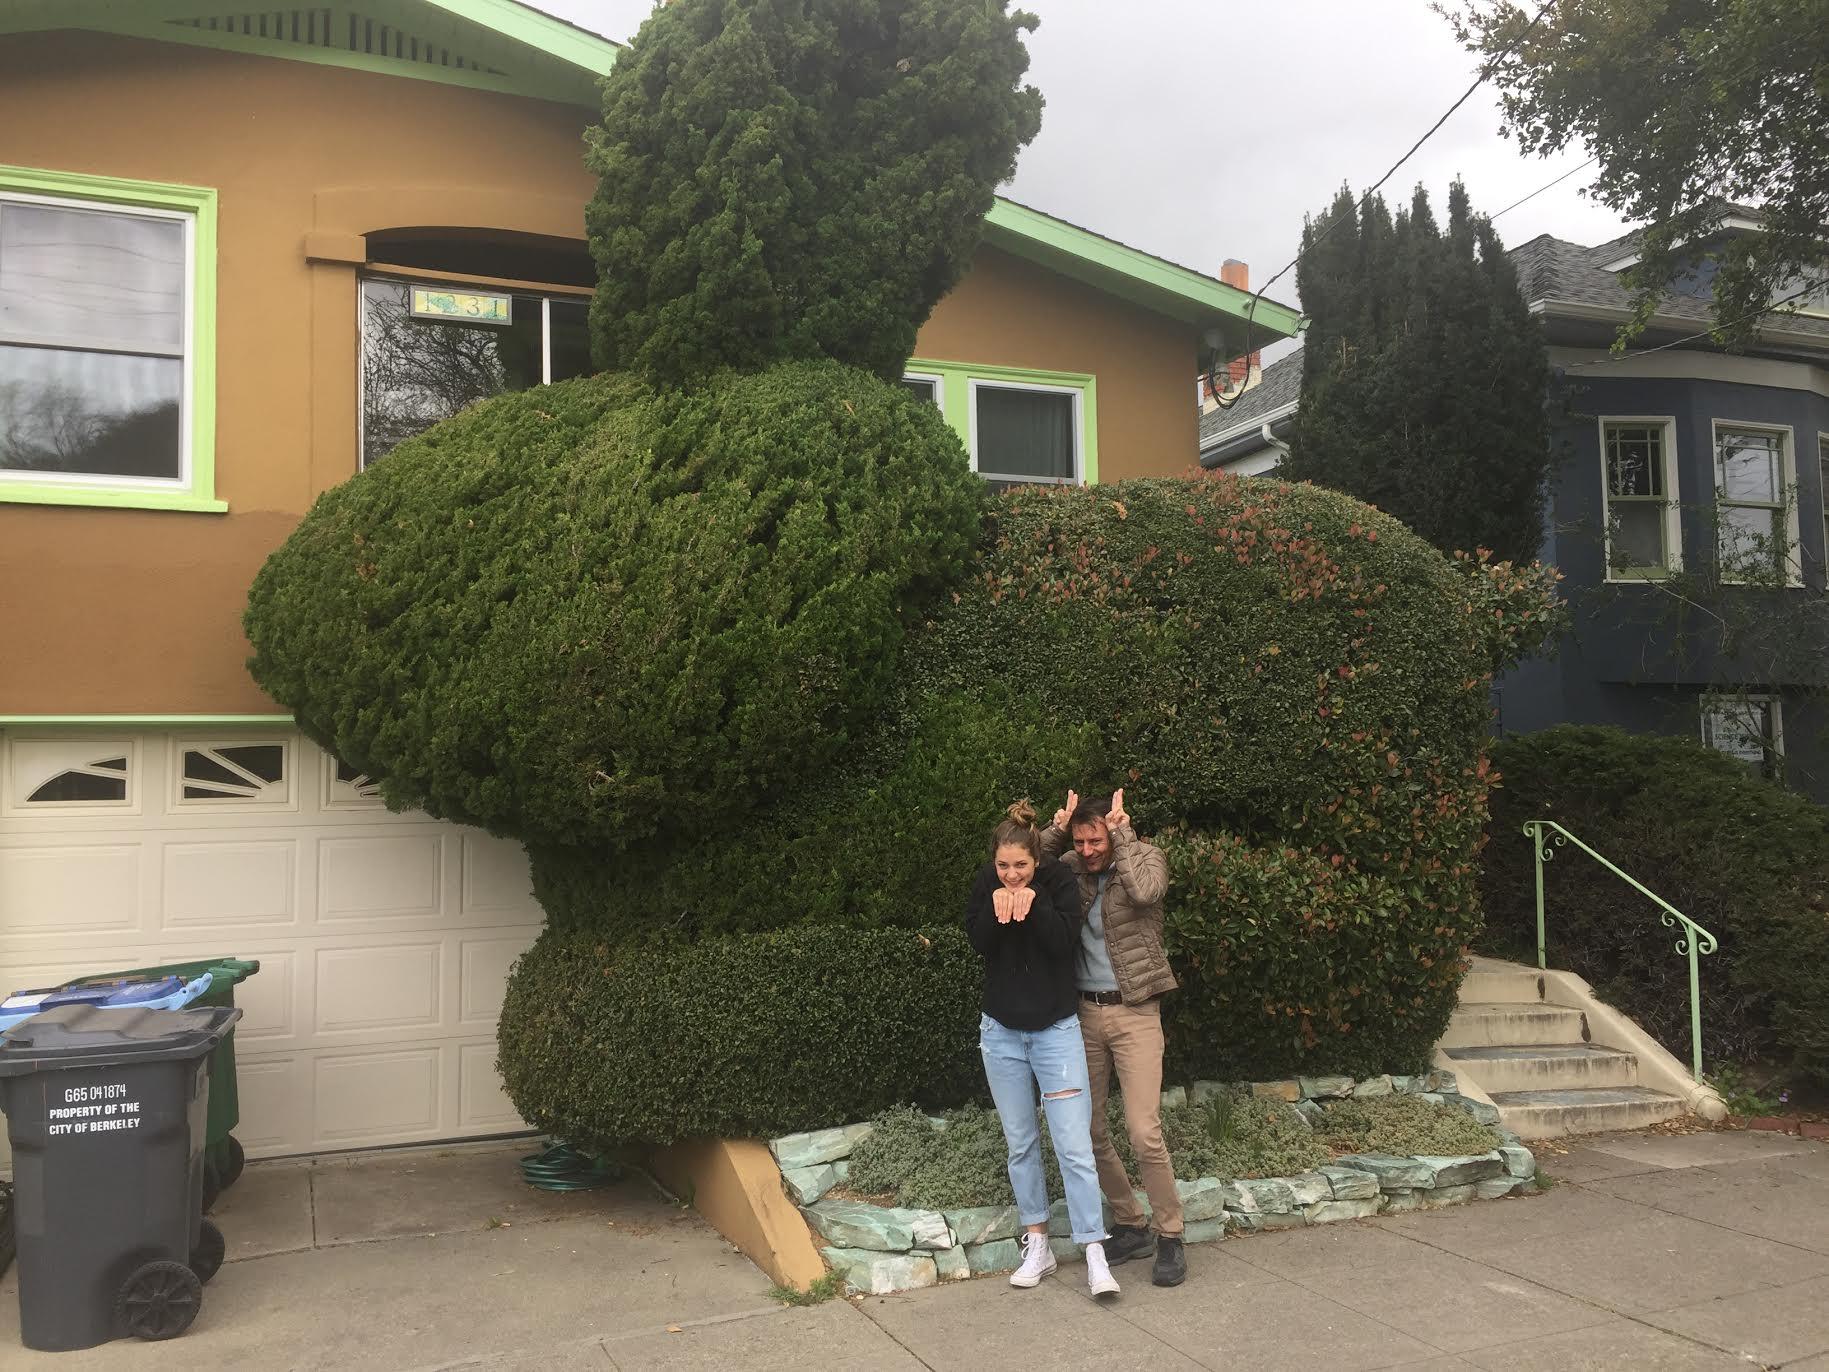 Bunny topiary, Ward Street